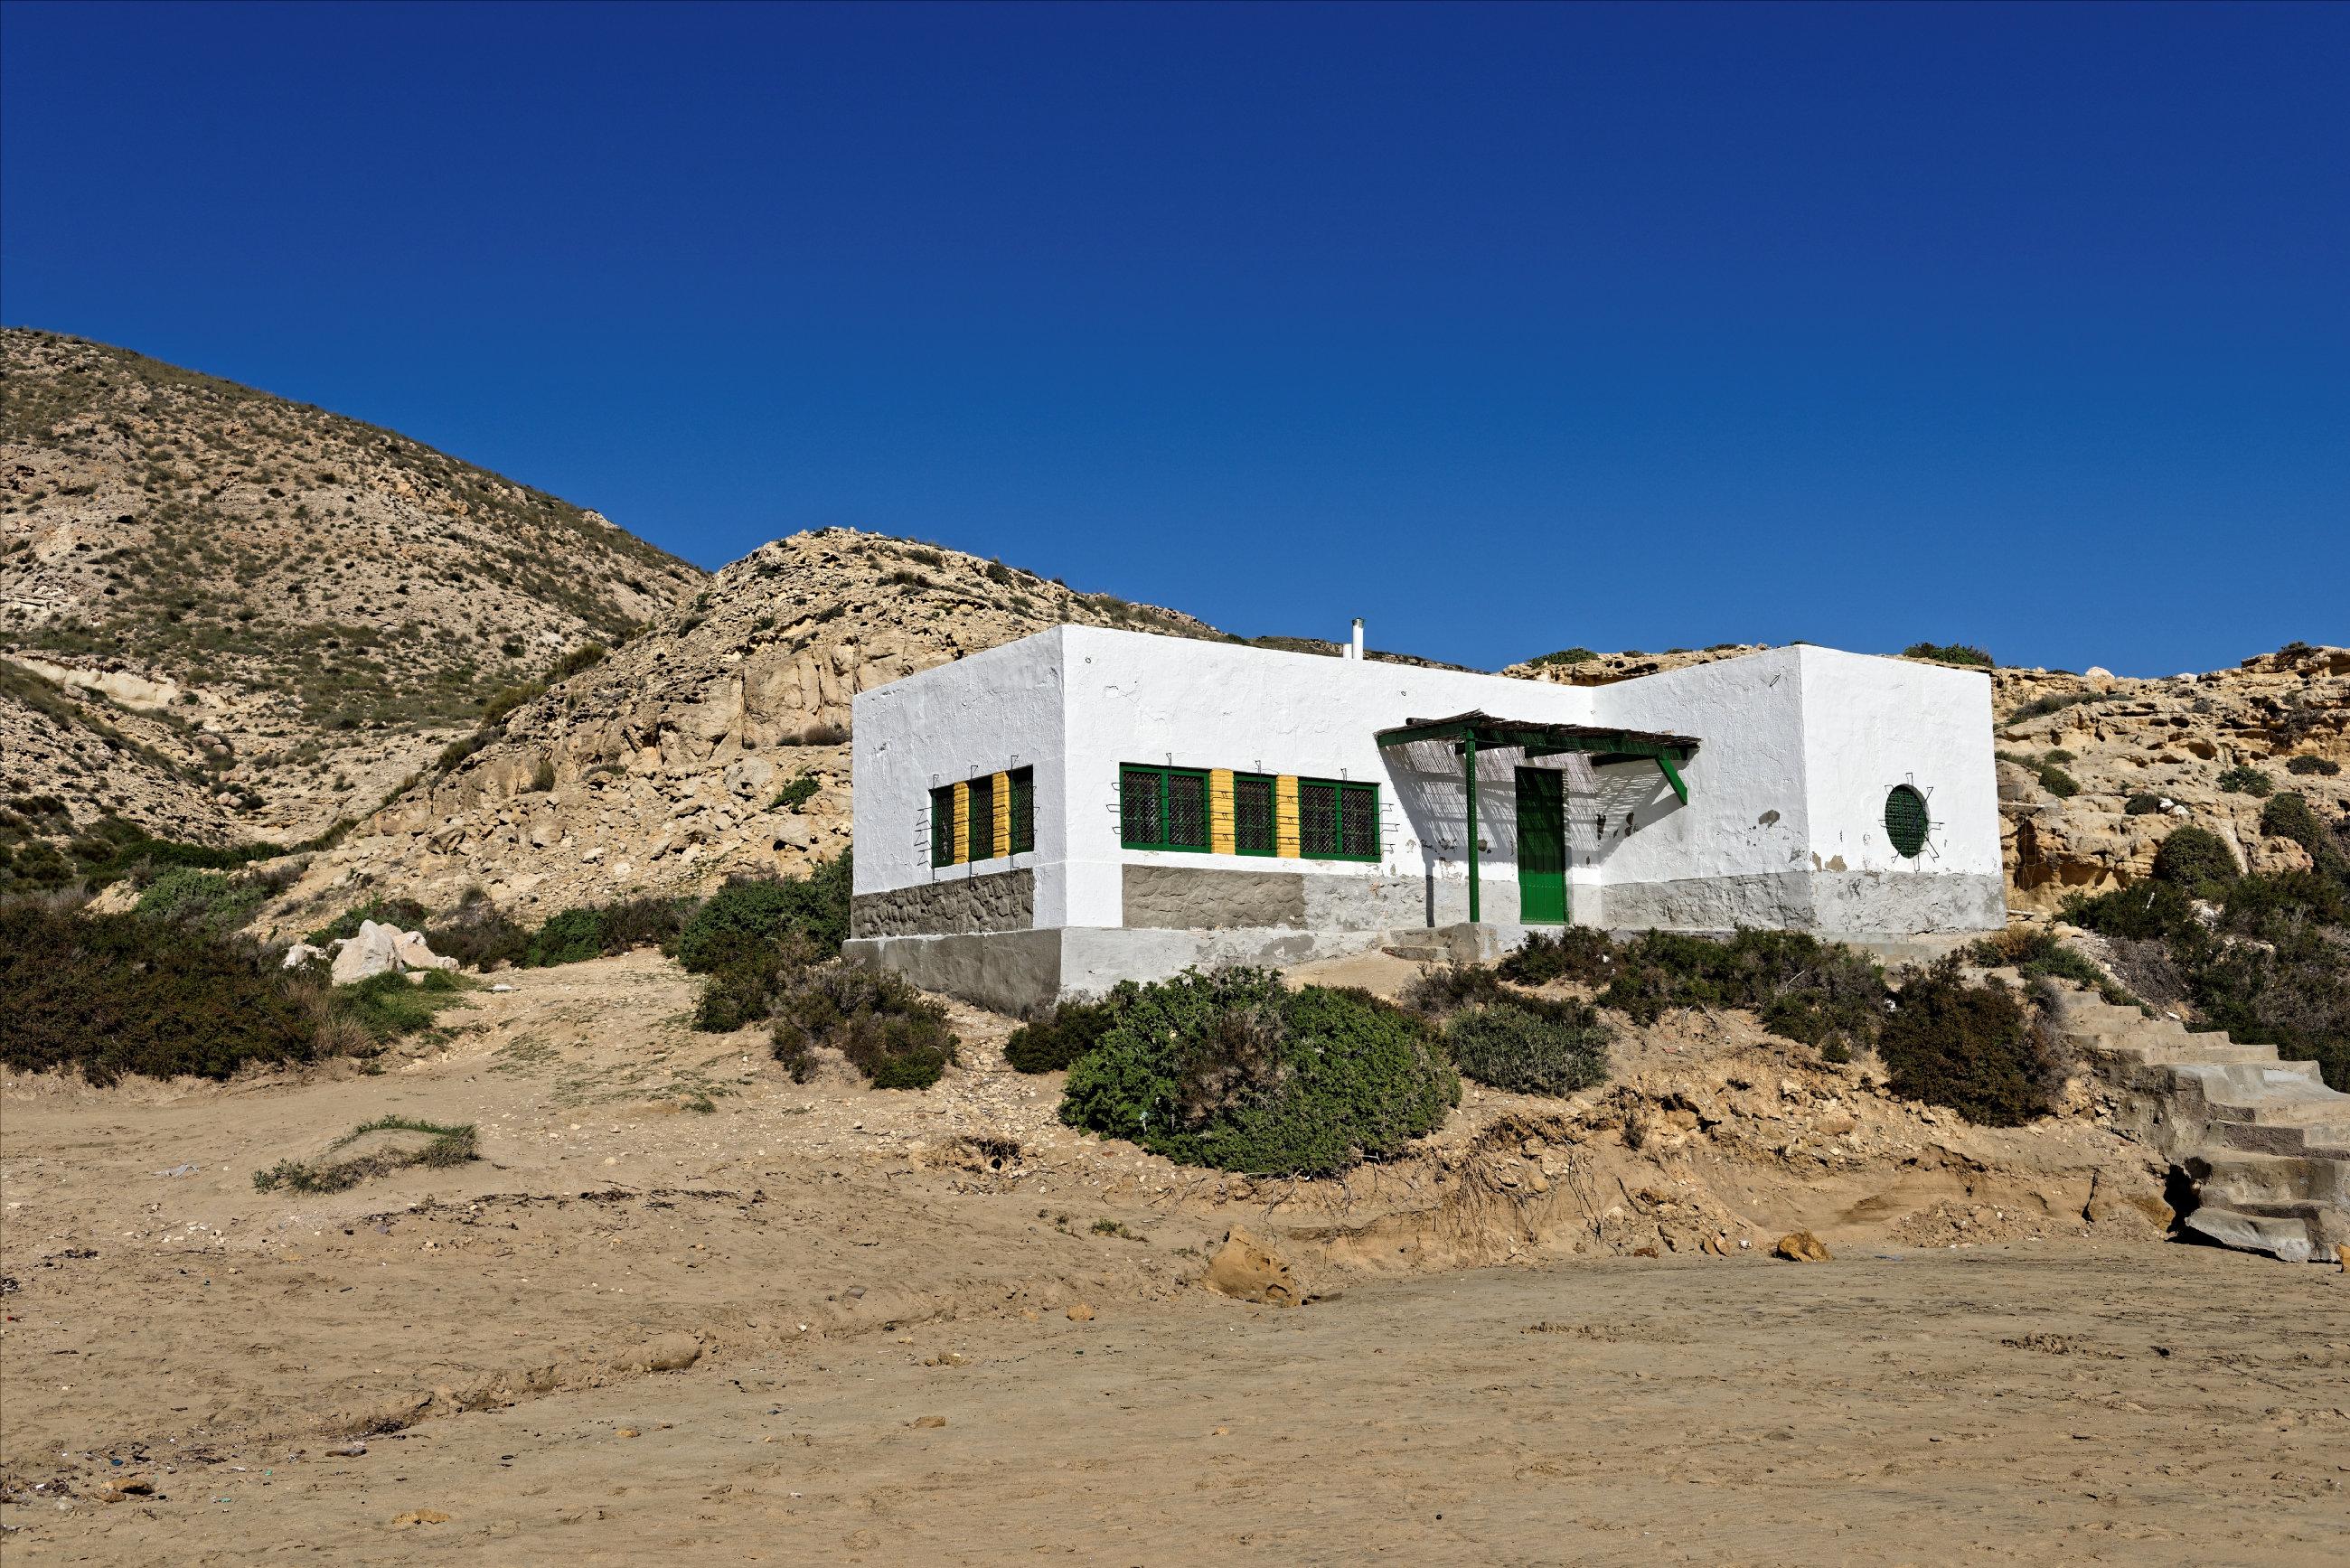 151106-Playa el Playazo (39)